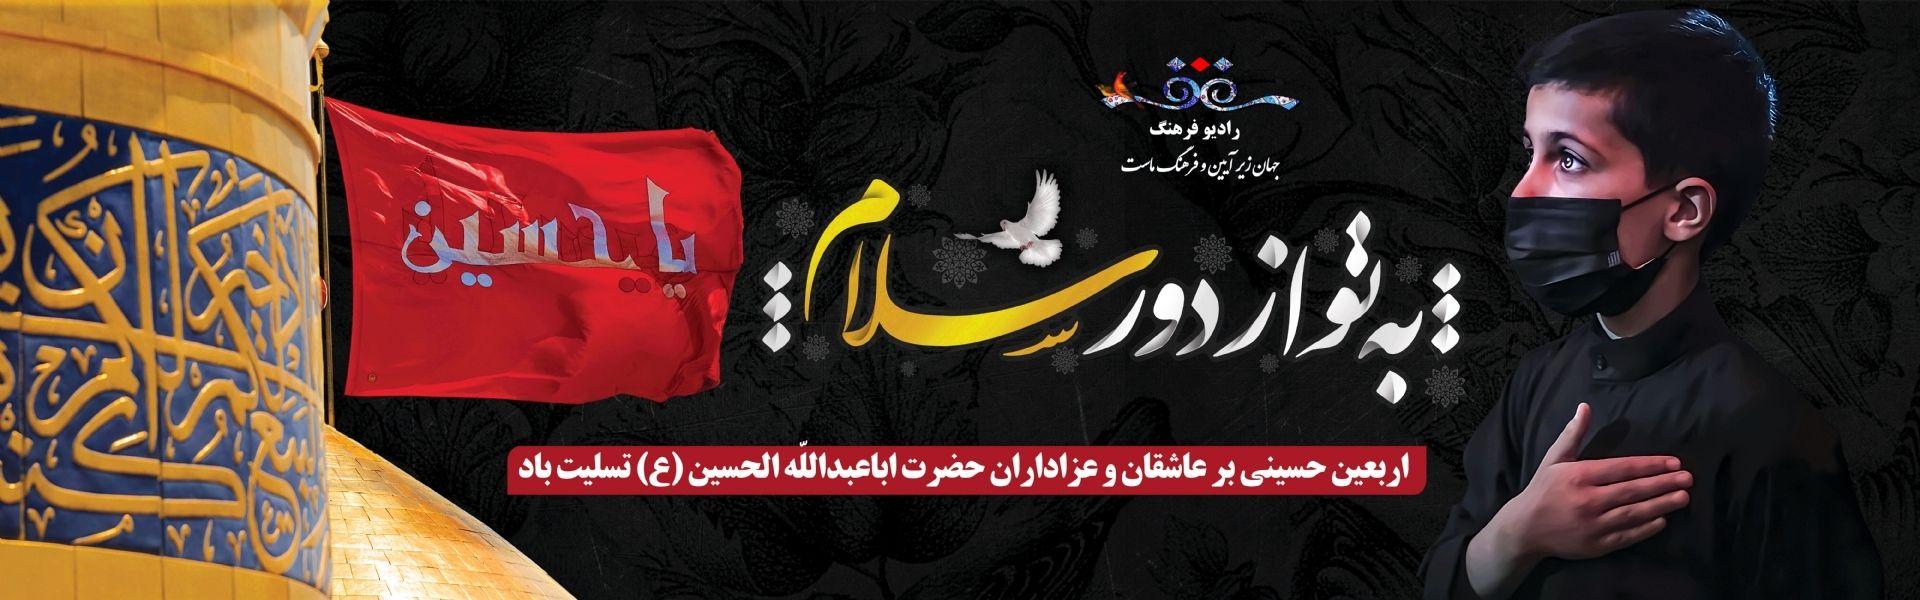 #به_تو_از_دور_سلام